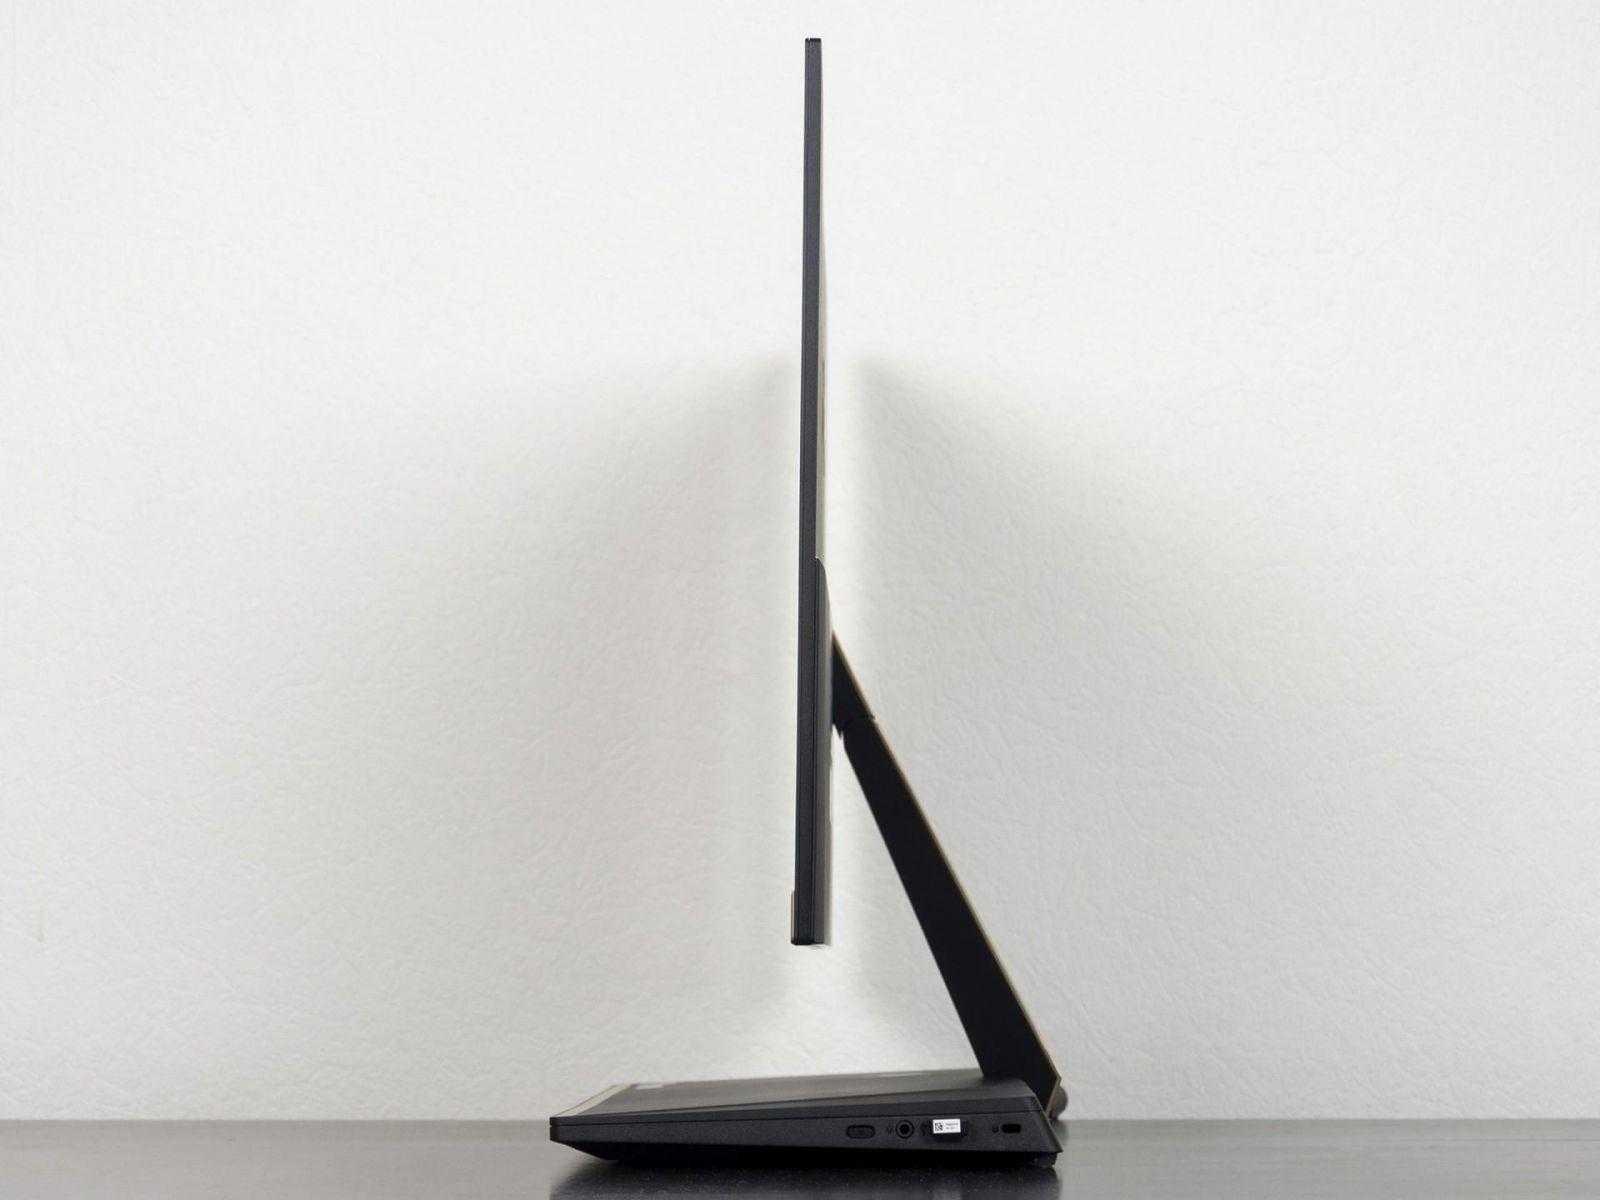 Стильный компьютер. Обзор ультратонкого моноблока Acer Aspire S24-880 (p1780025)